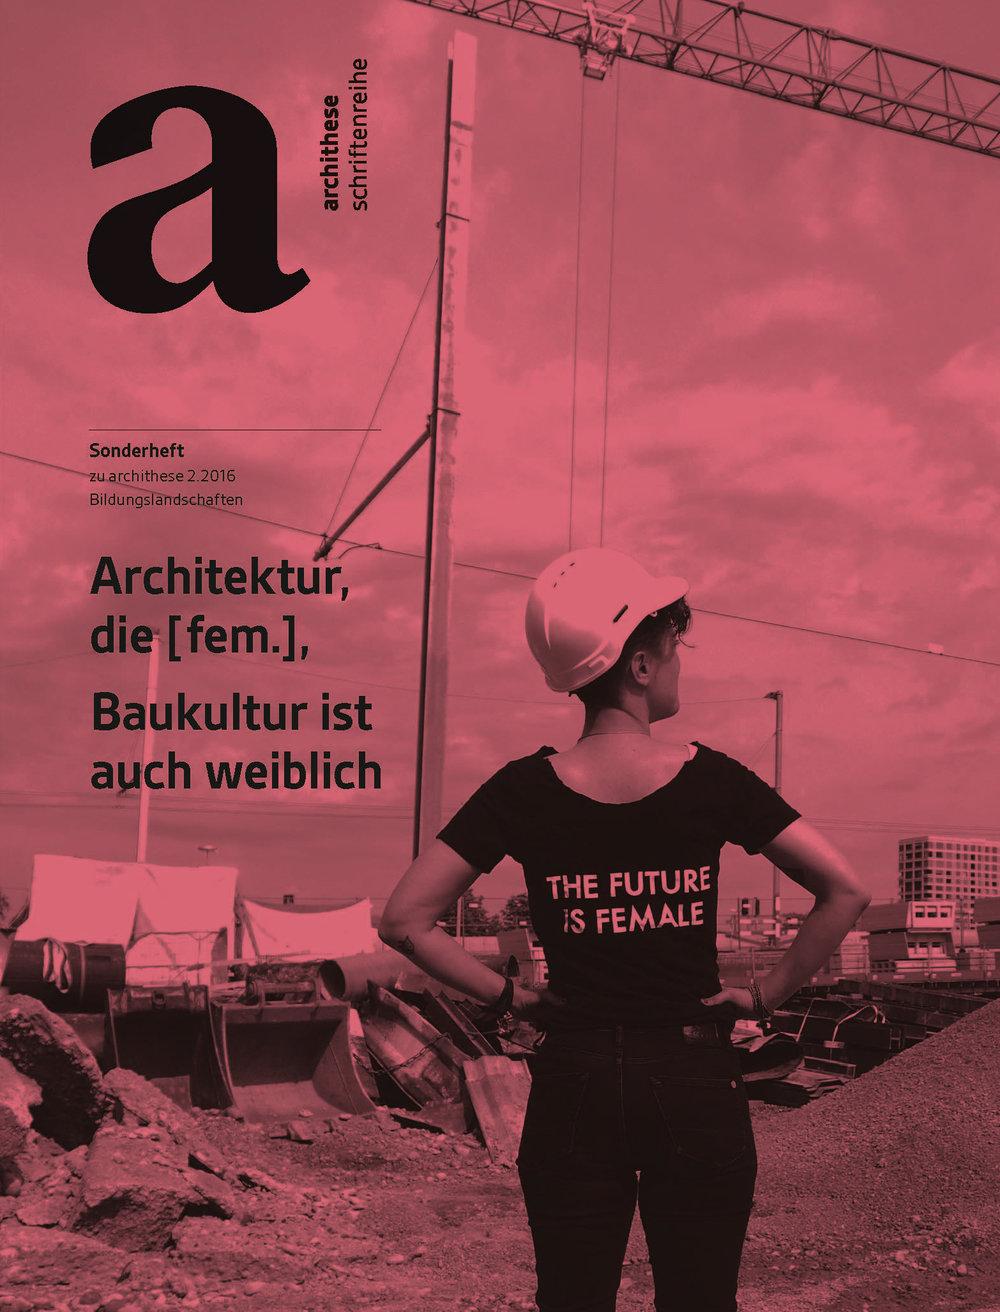 """Document 6, dated June 8, 2016: special issue of Archithese """"Architektur, die [fem.], Baukultur ist auch weiblich!,"""" no. 2 (2016)"""